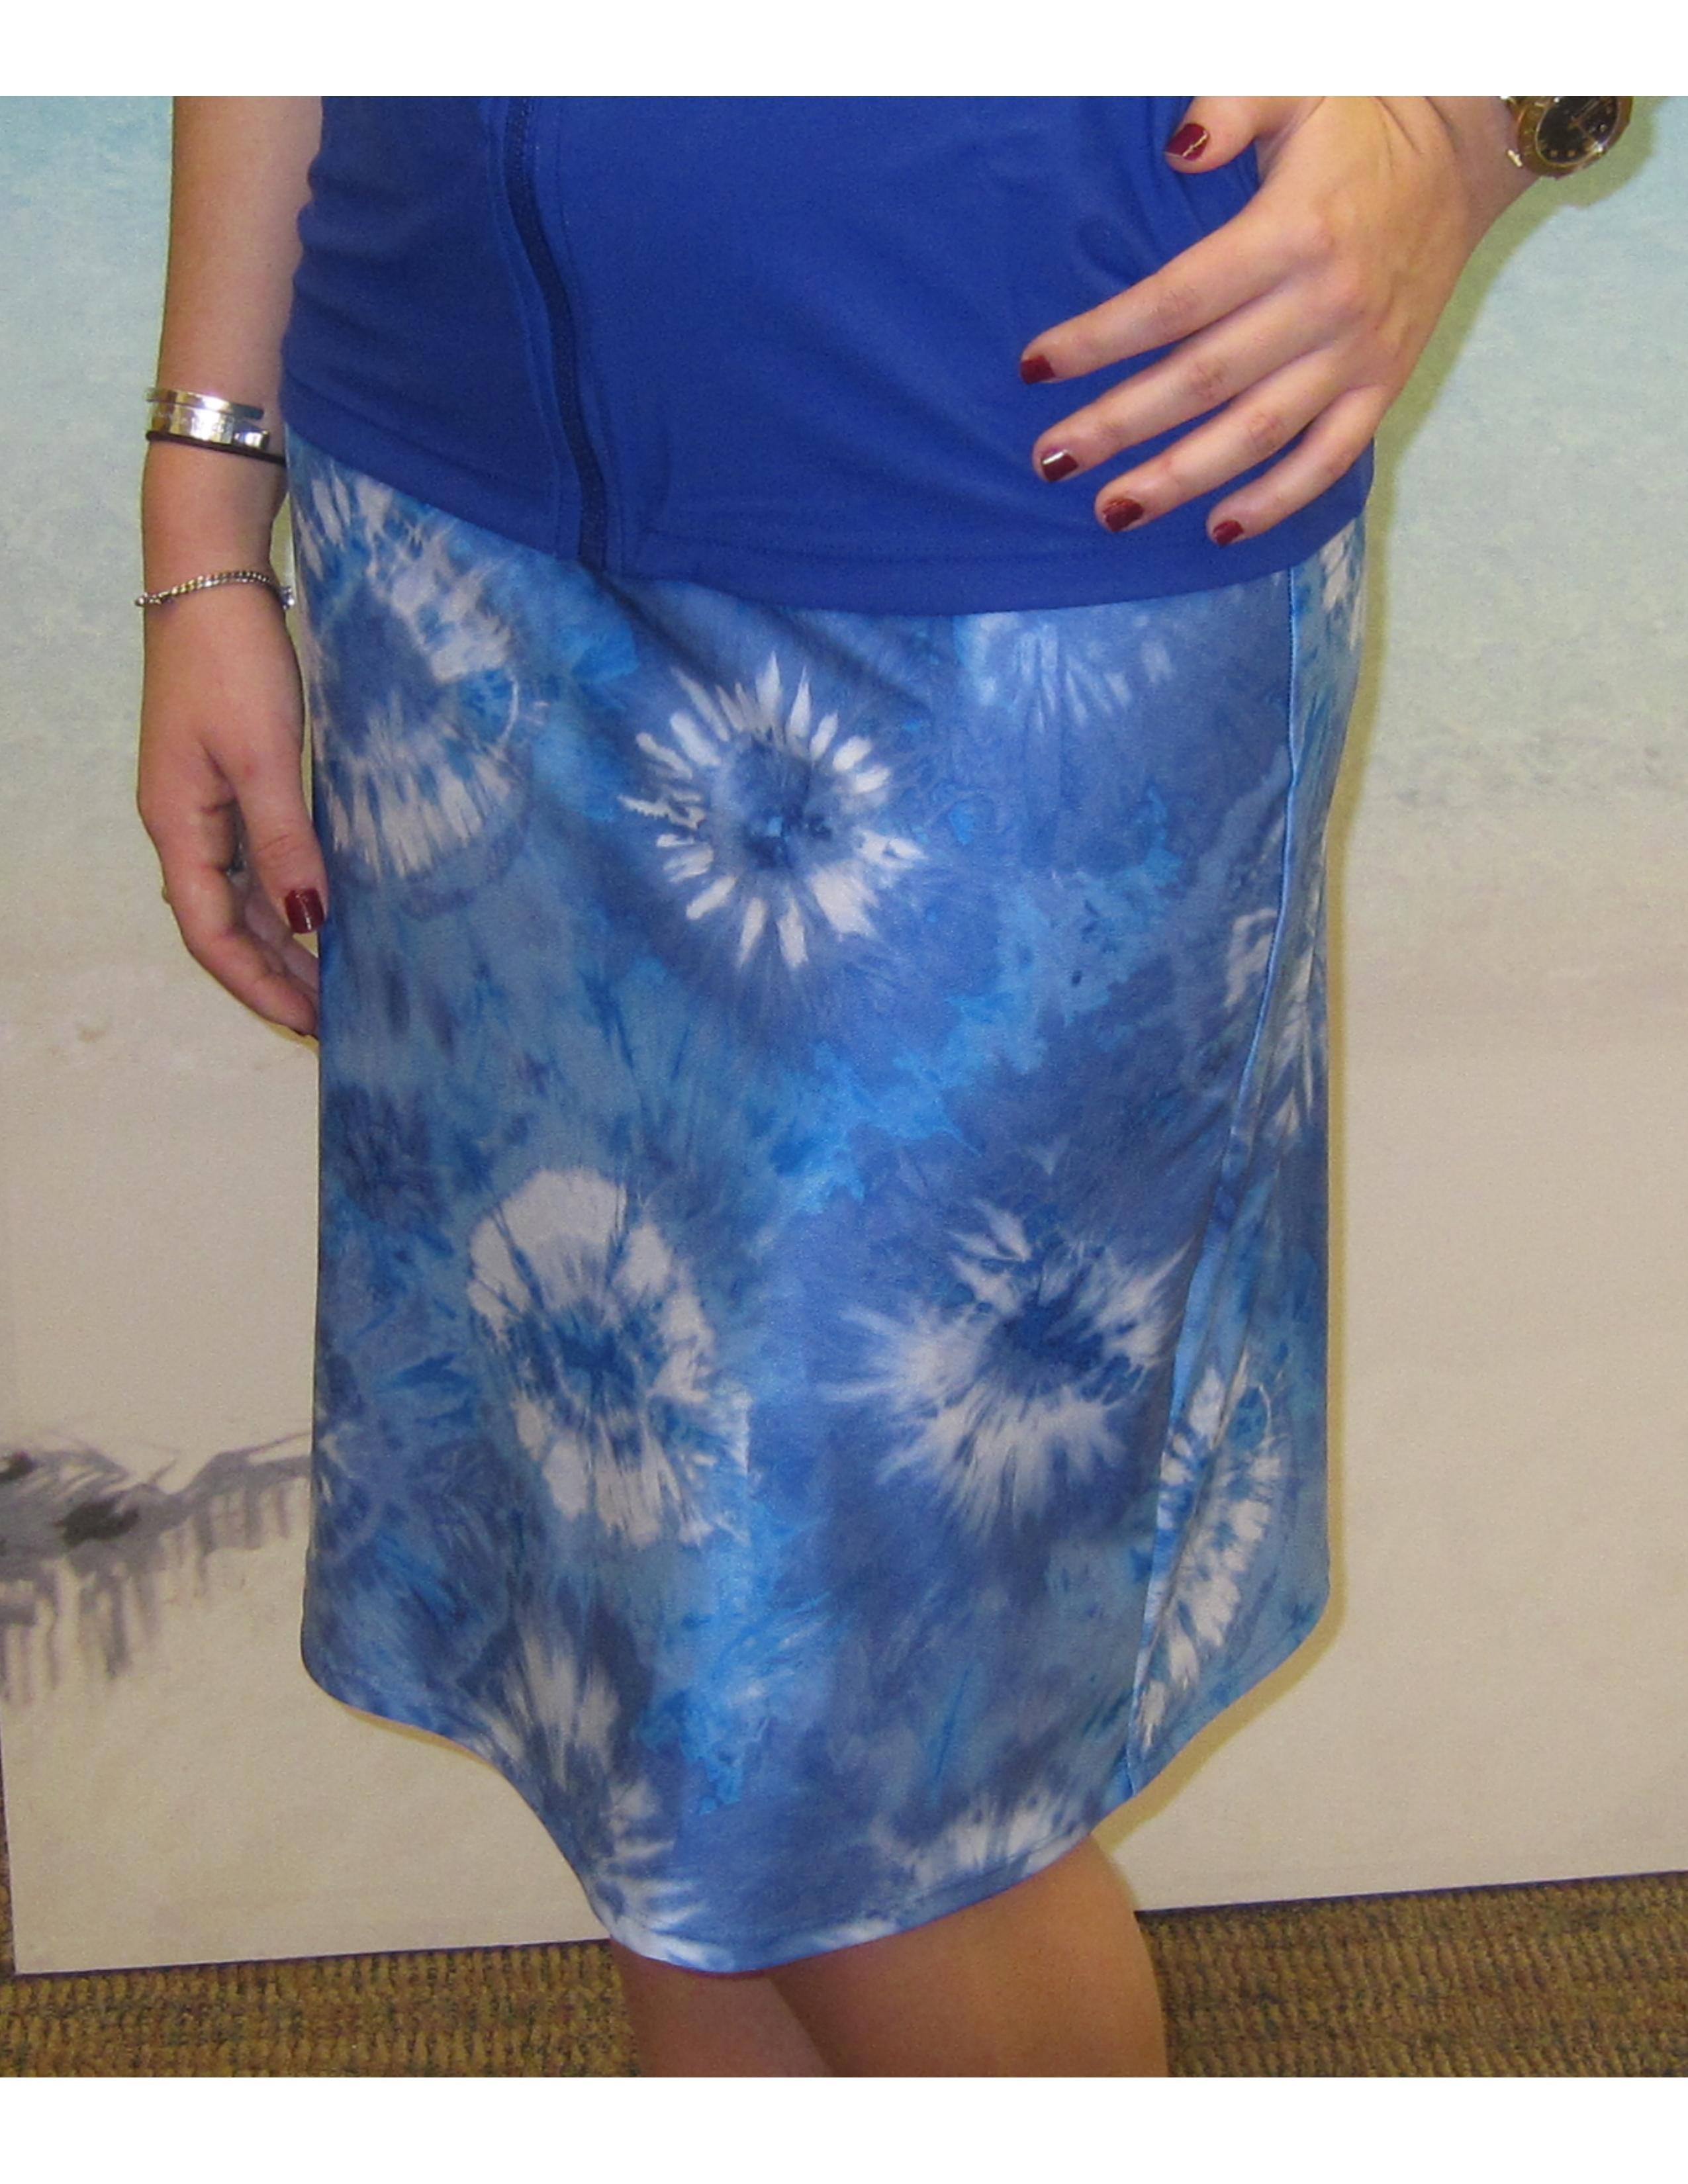 detail-of-style-2622-skirt-in-batique-blue.jpg